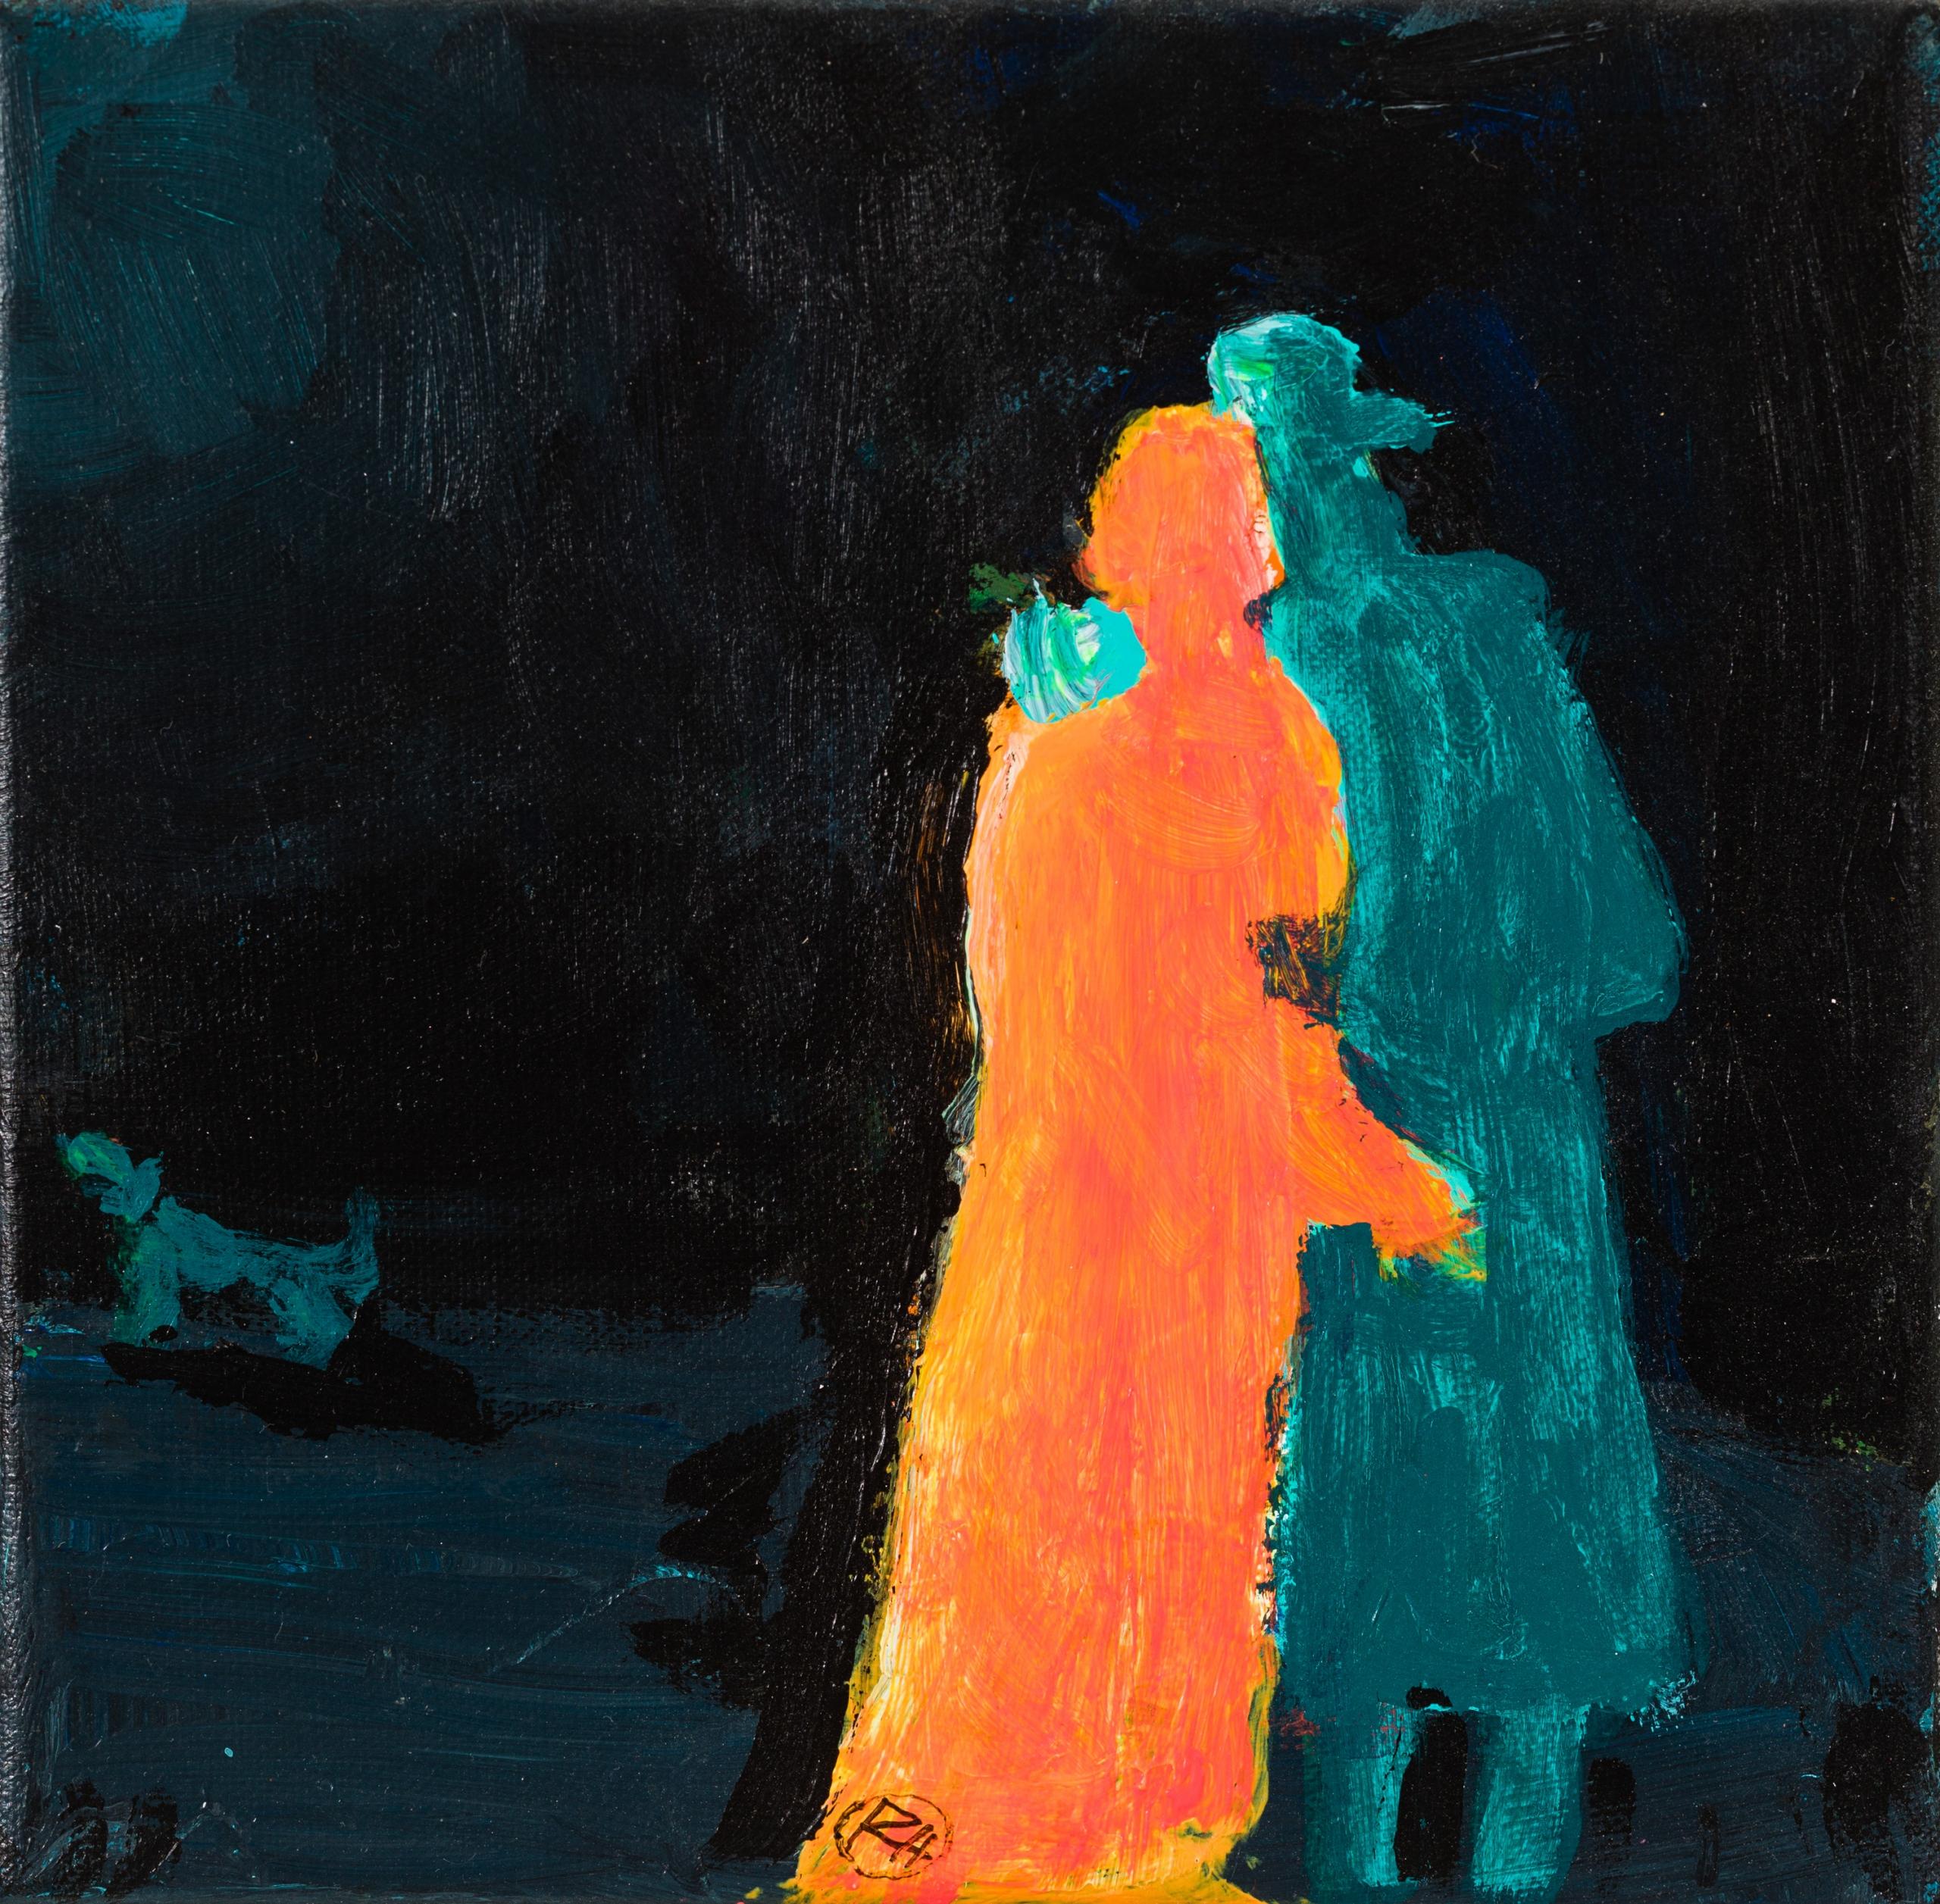 Robert Hammerstiel, Verklärte Nacht